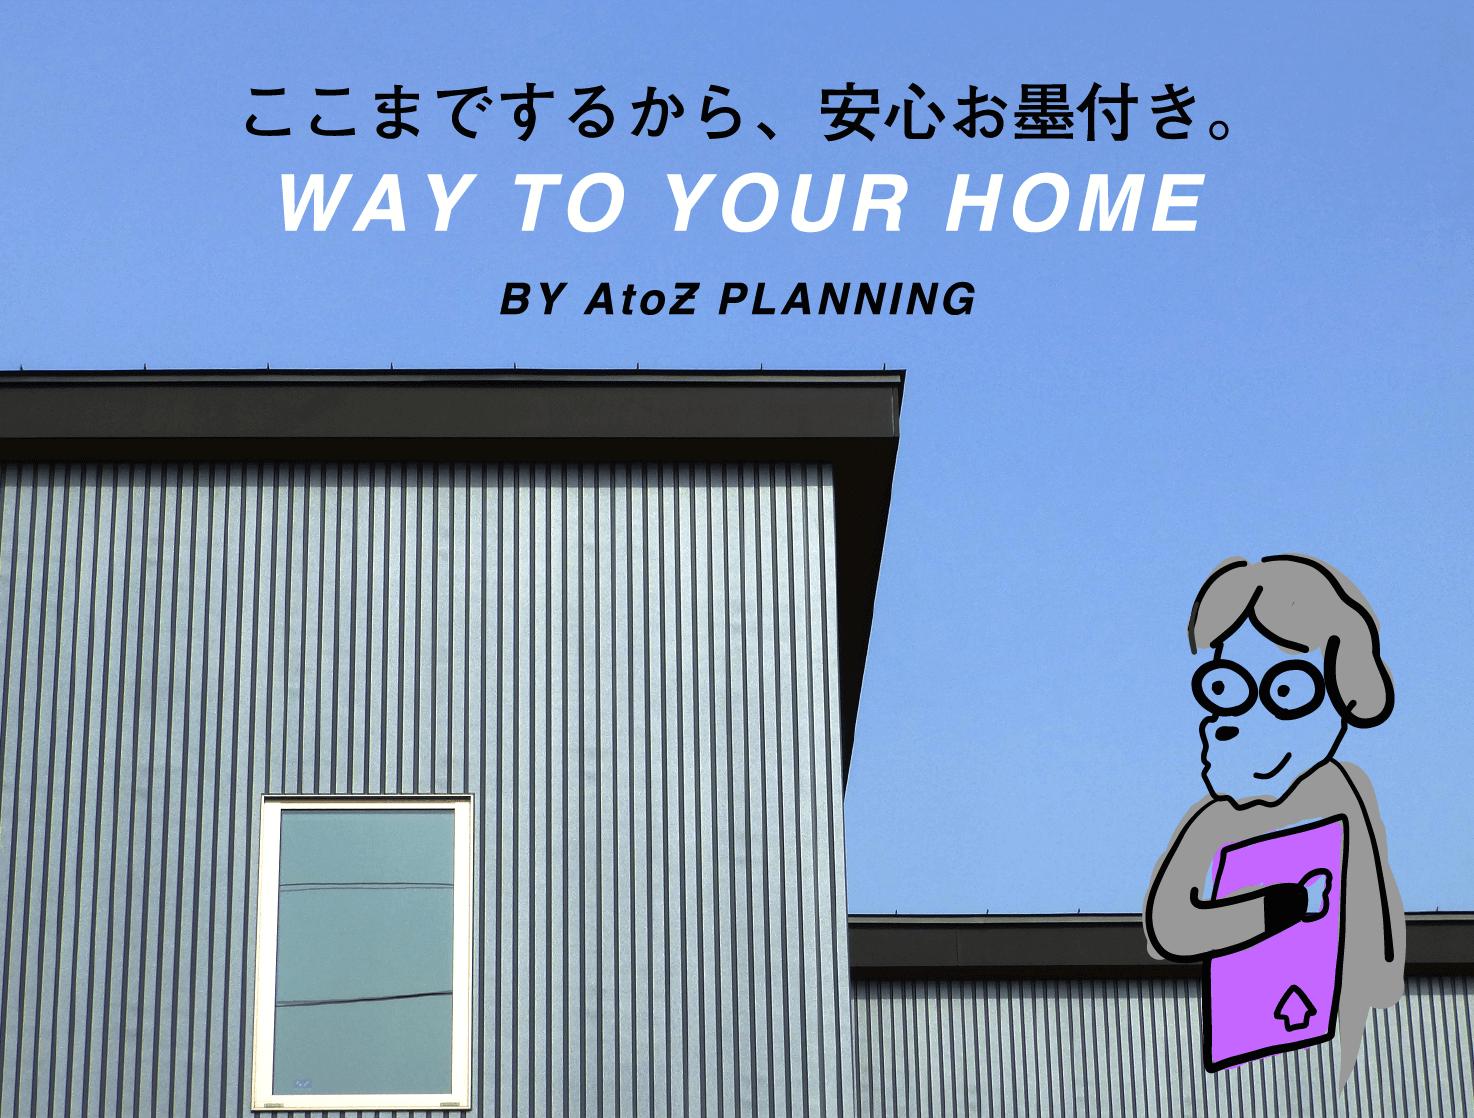 ここまでするから、安心お墨付き。WAY TO YOUR HOME BY AtoZ PLANNING